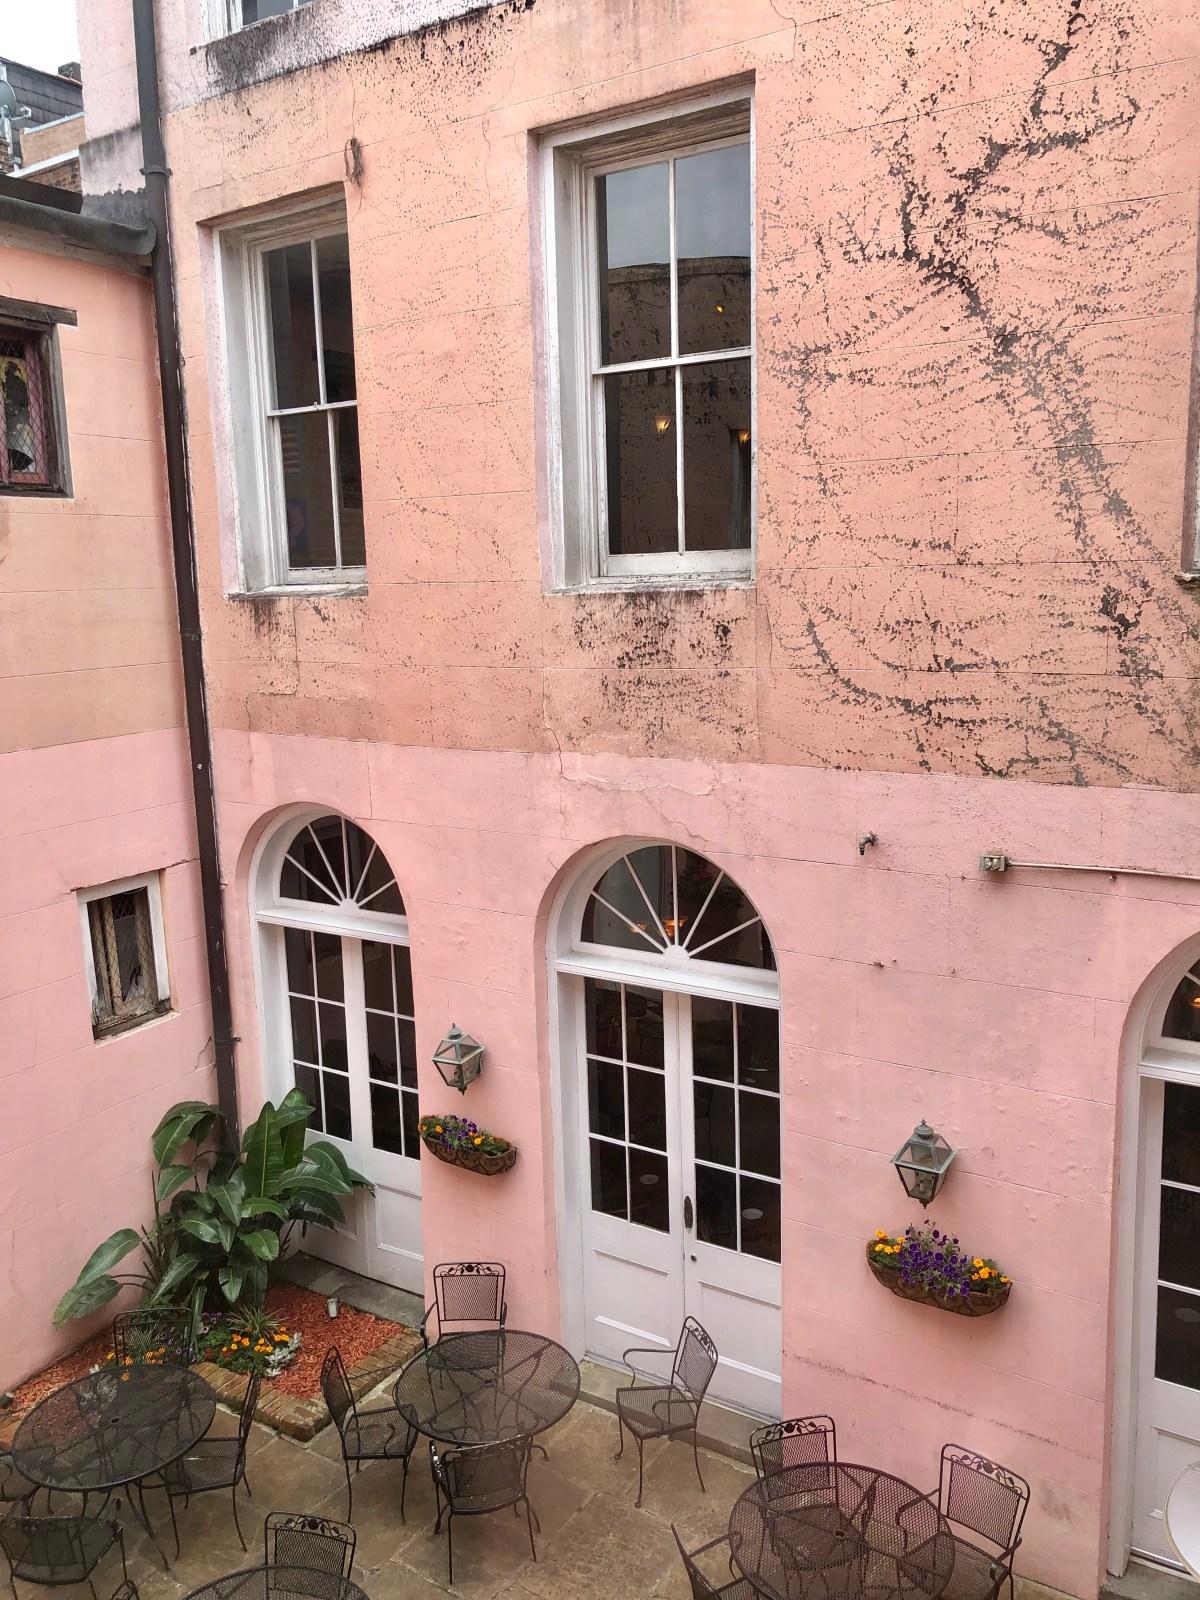 New Orleans courtyard #nola #neworleans #thebigeasy #whattodoinneworleans #cresecentcitybrewery #neworleanscourtyard